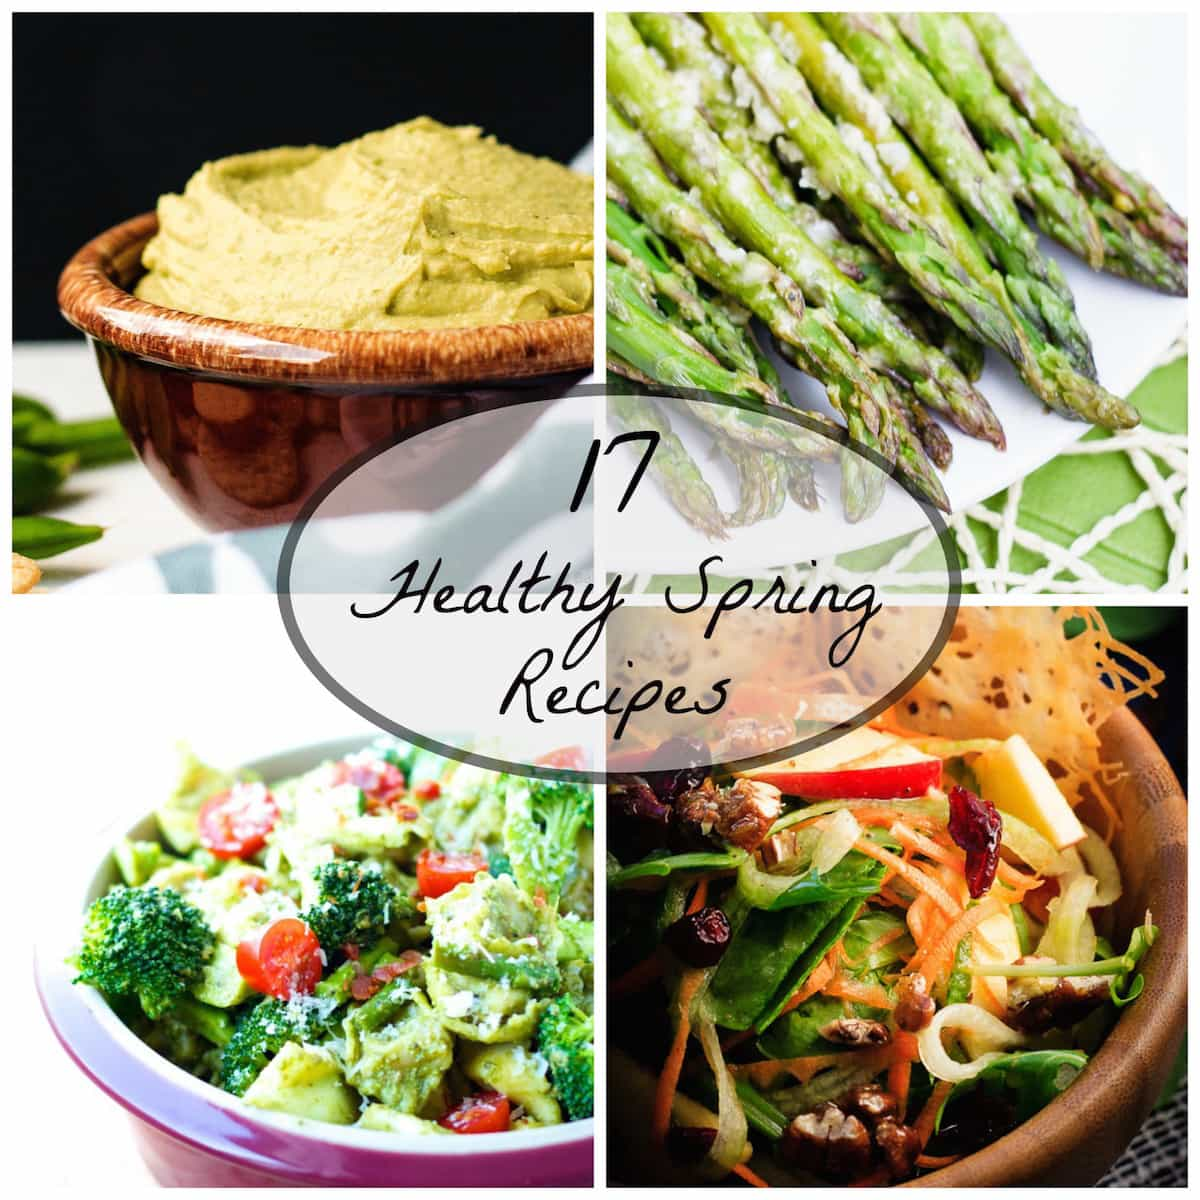 17 Healthy Spring Recipes